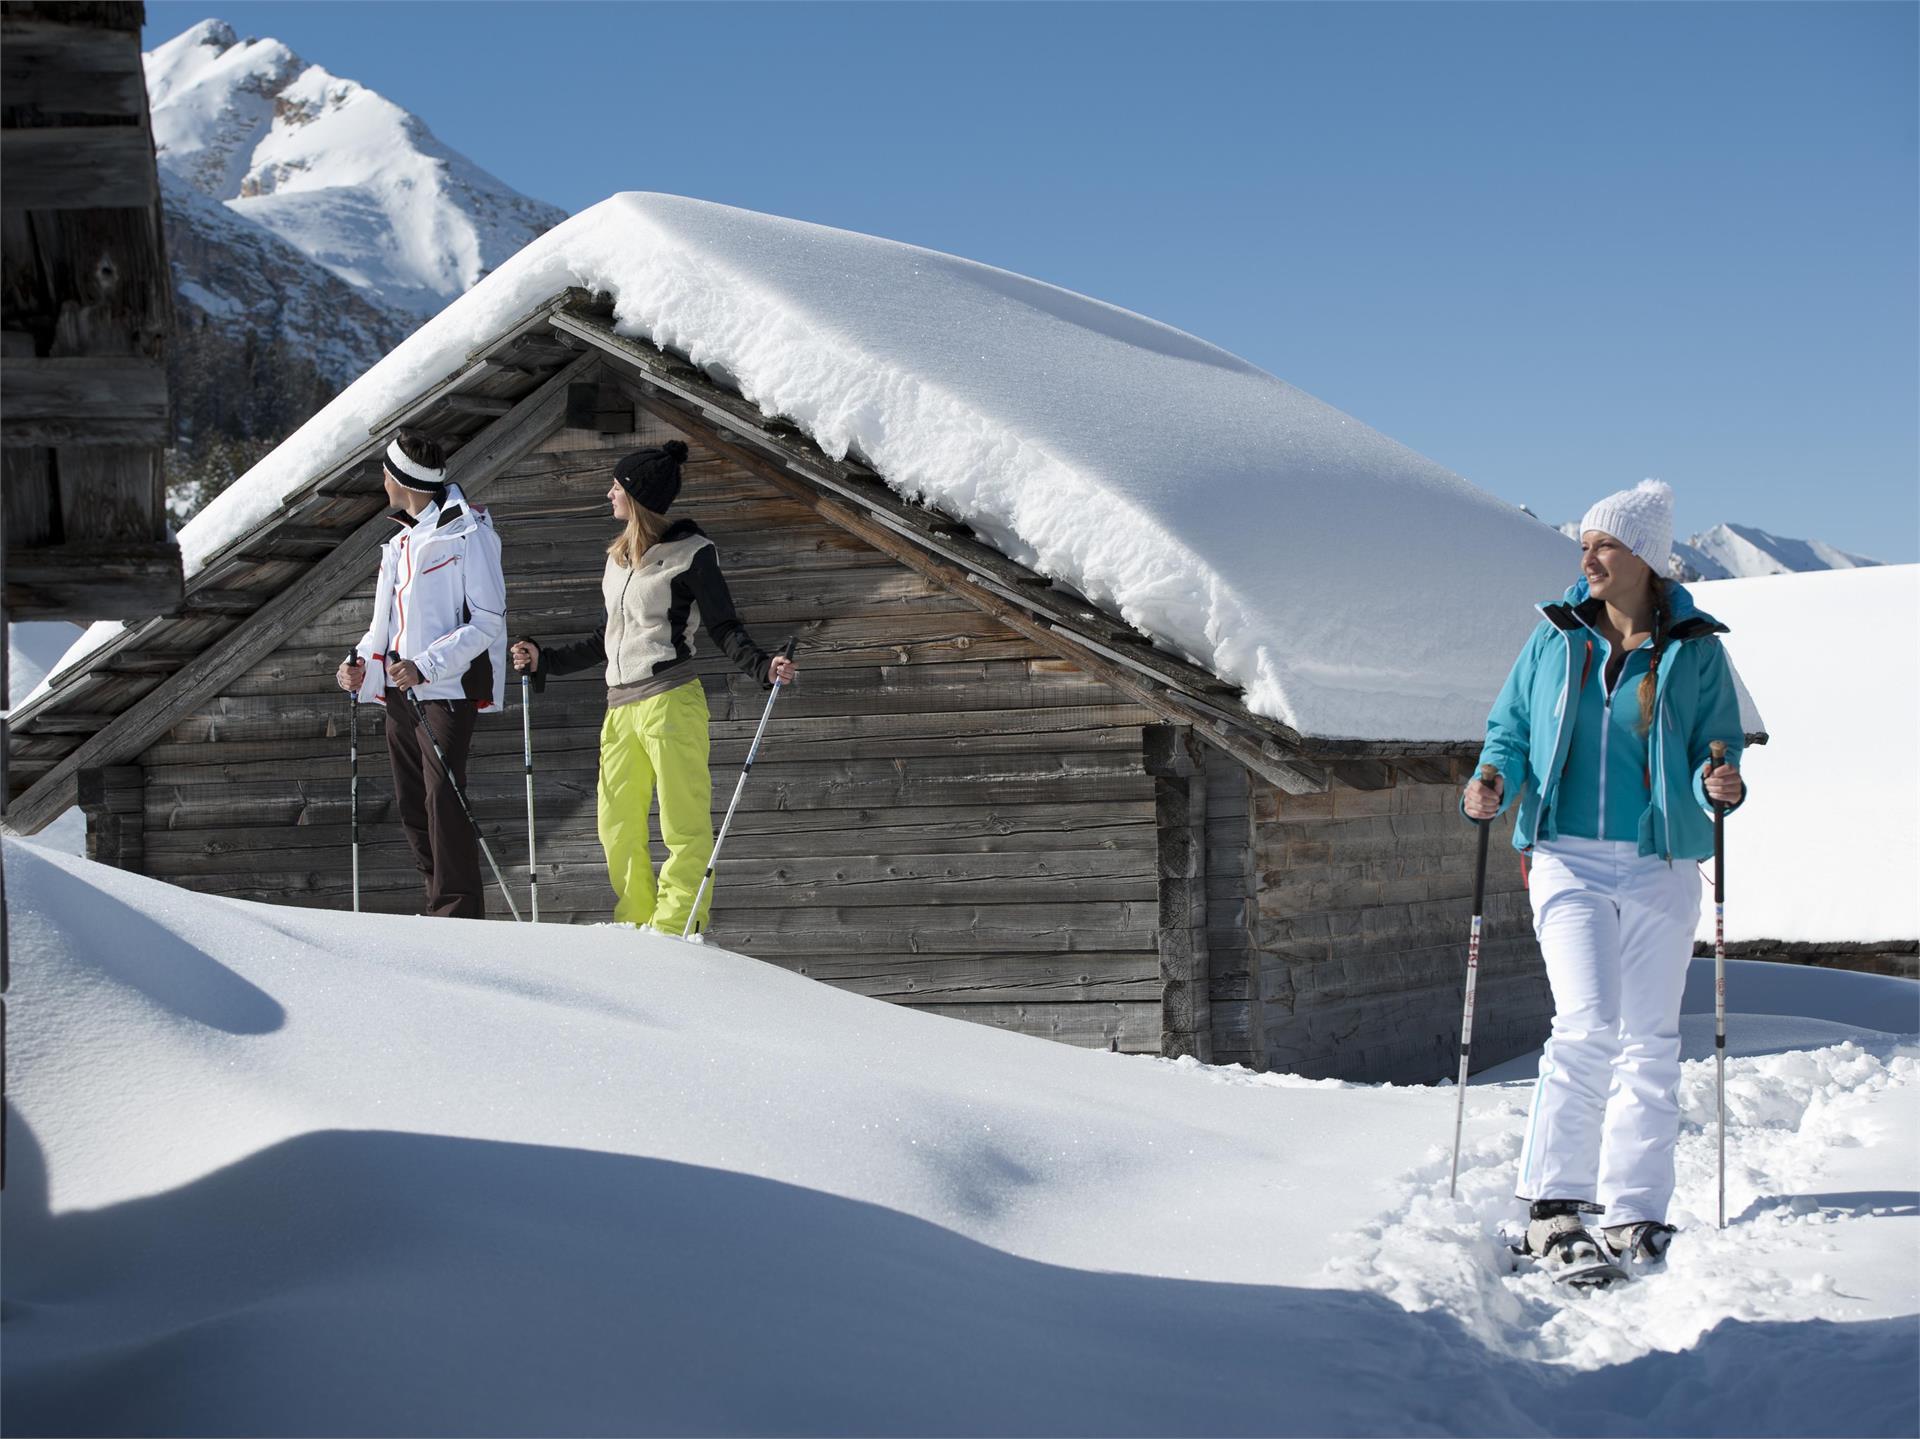 Schneeschuhwanderung auf den Schönbichl